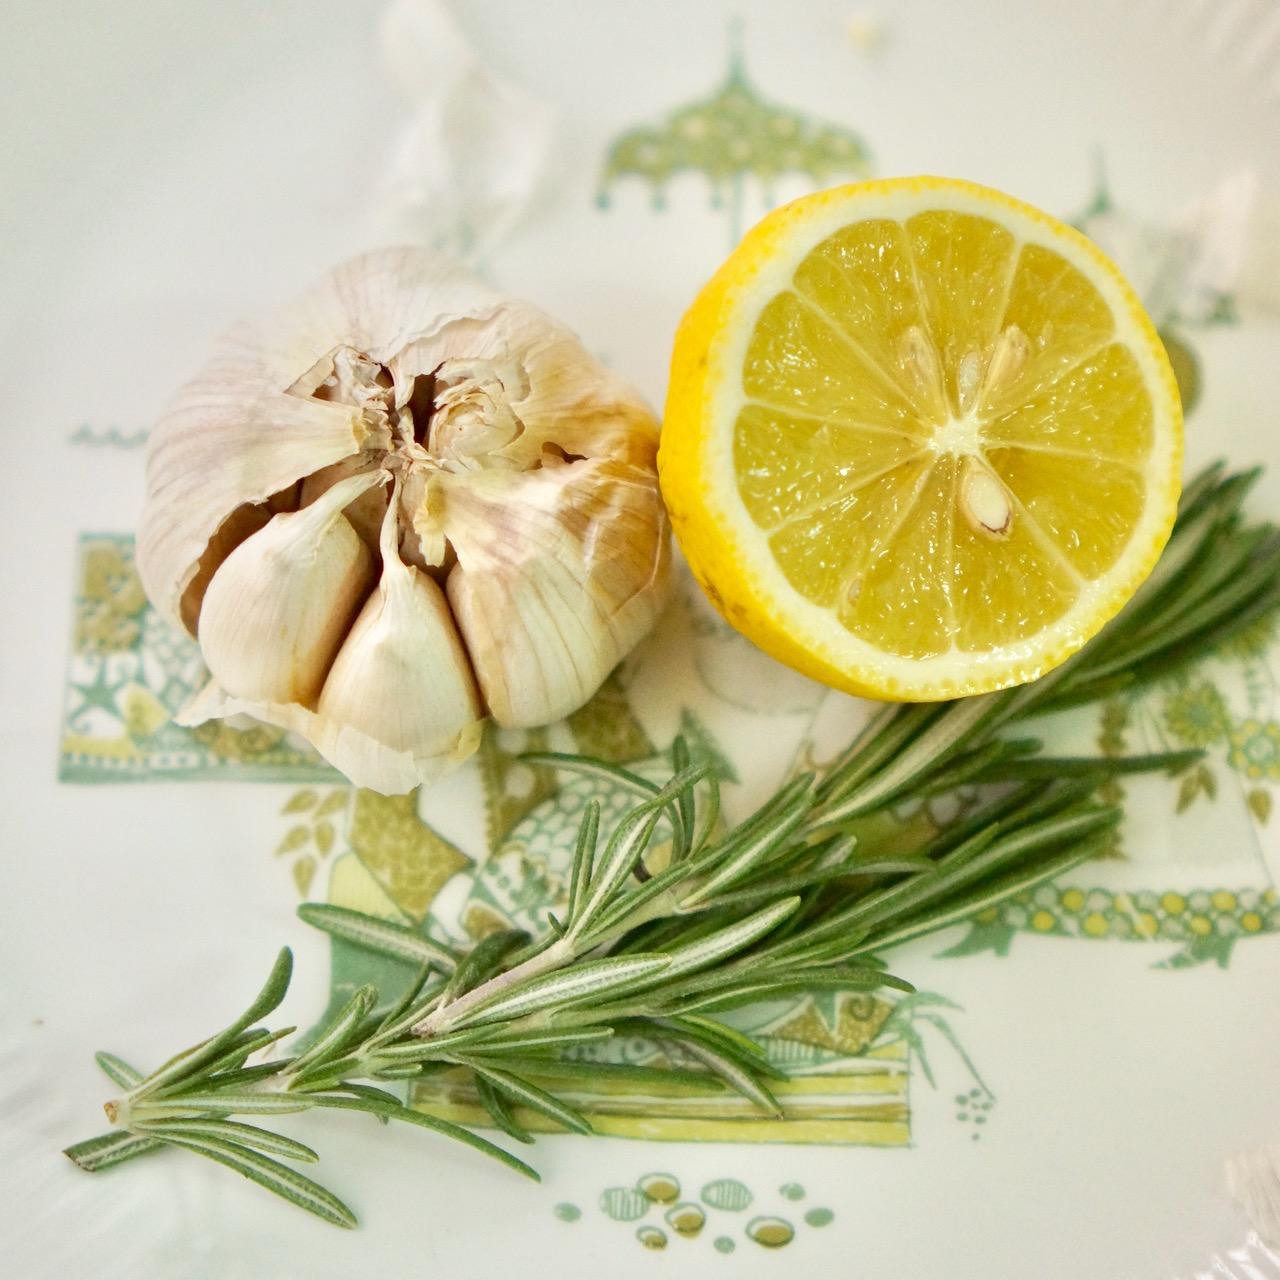 עוף צלוי עם לימון, שום ורוזמרין. ענף רוזמרין, ראש של שום ולימון מונחים על צלחת. גבישס, בלוג האוכל של גמירב גבישס.